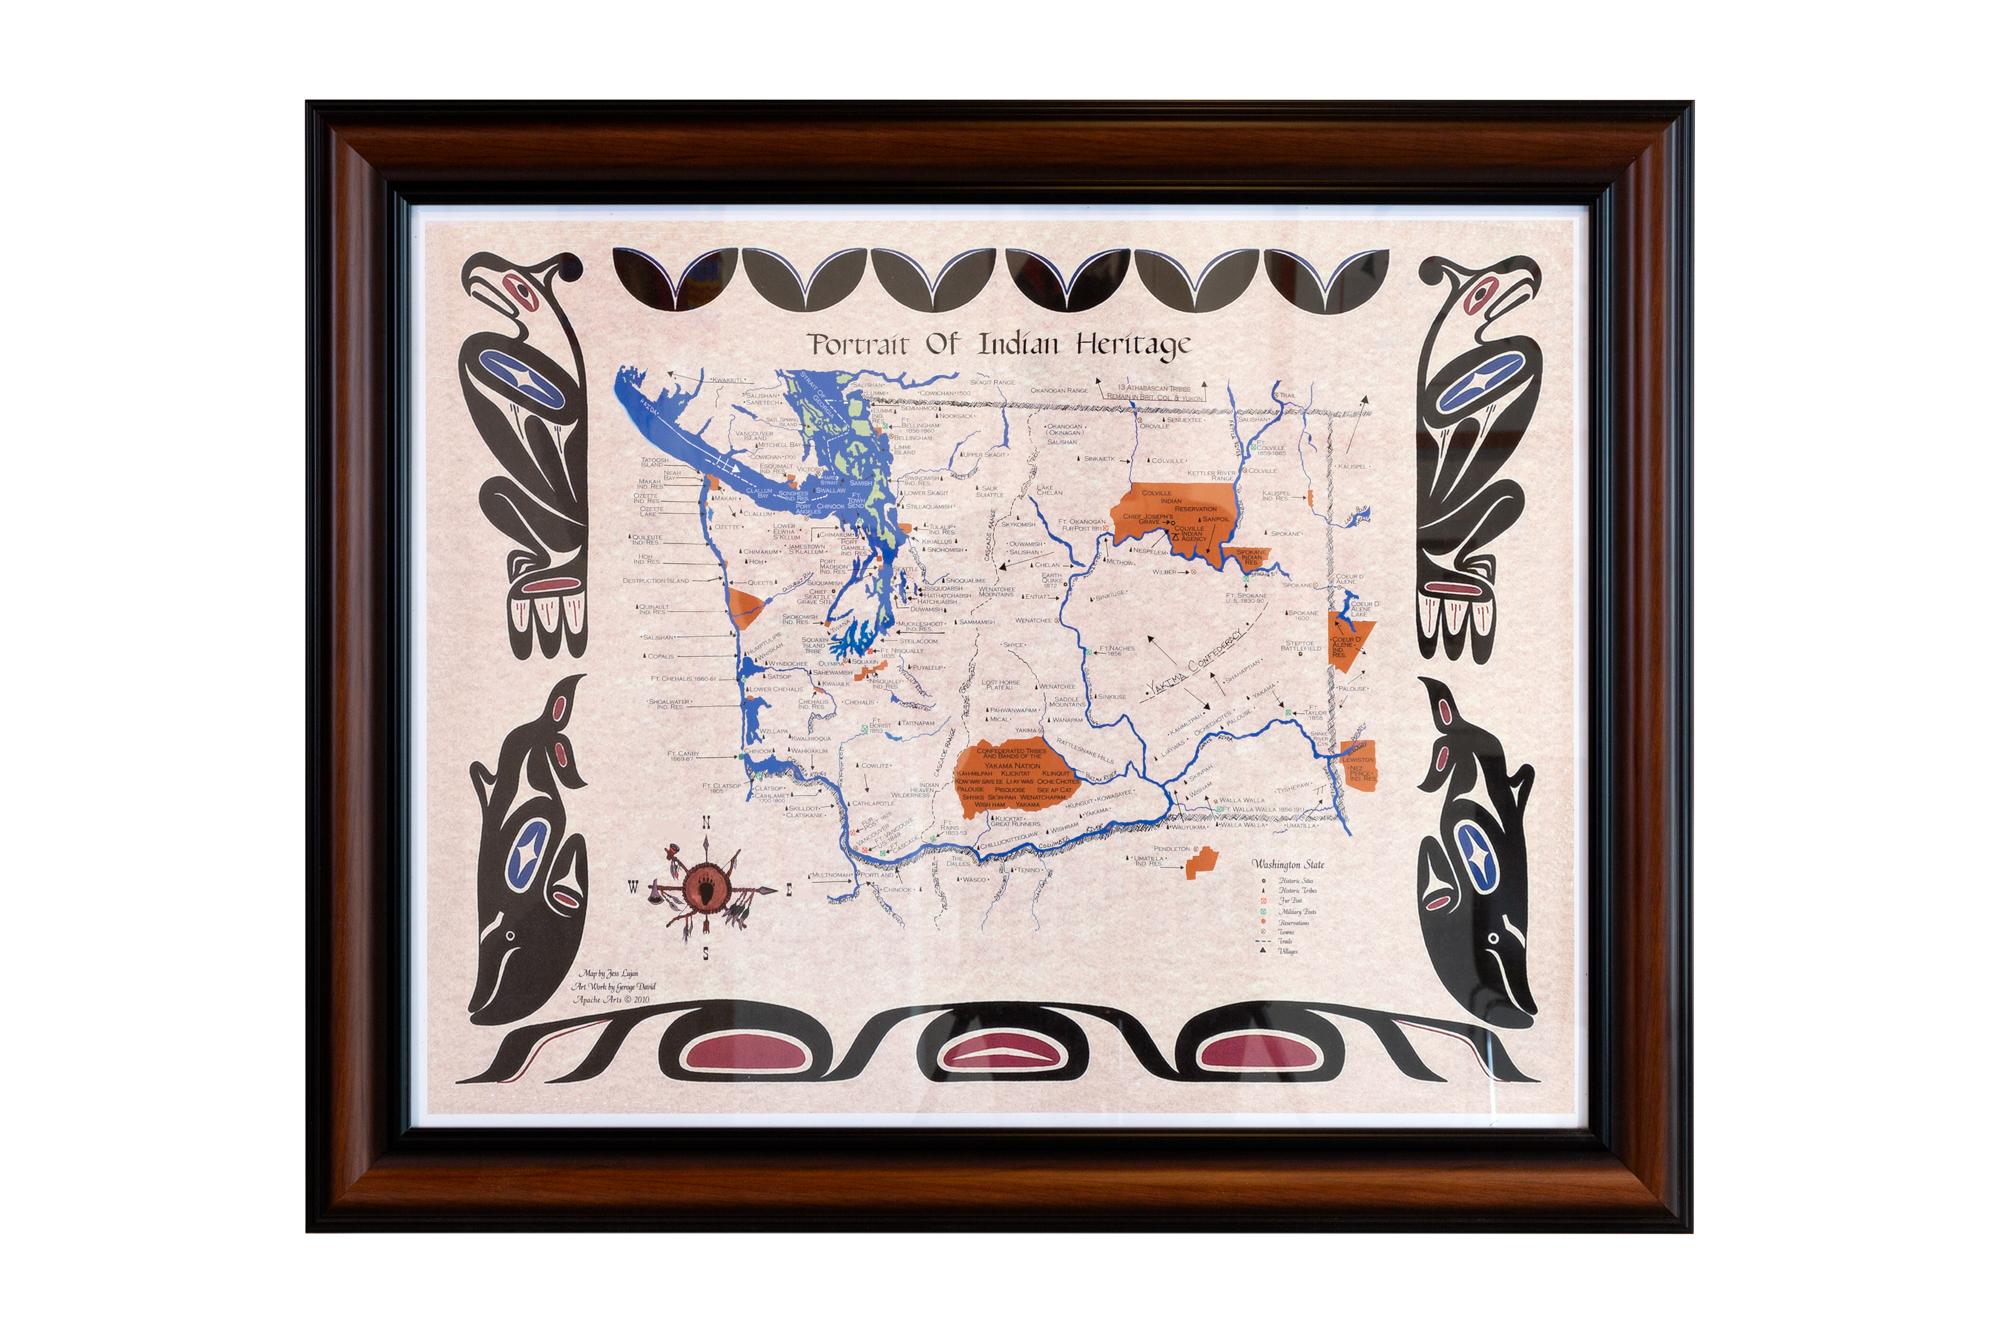 Portrait of Indian Heritage: Washington Map